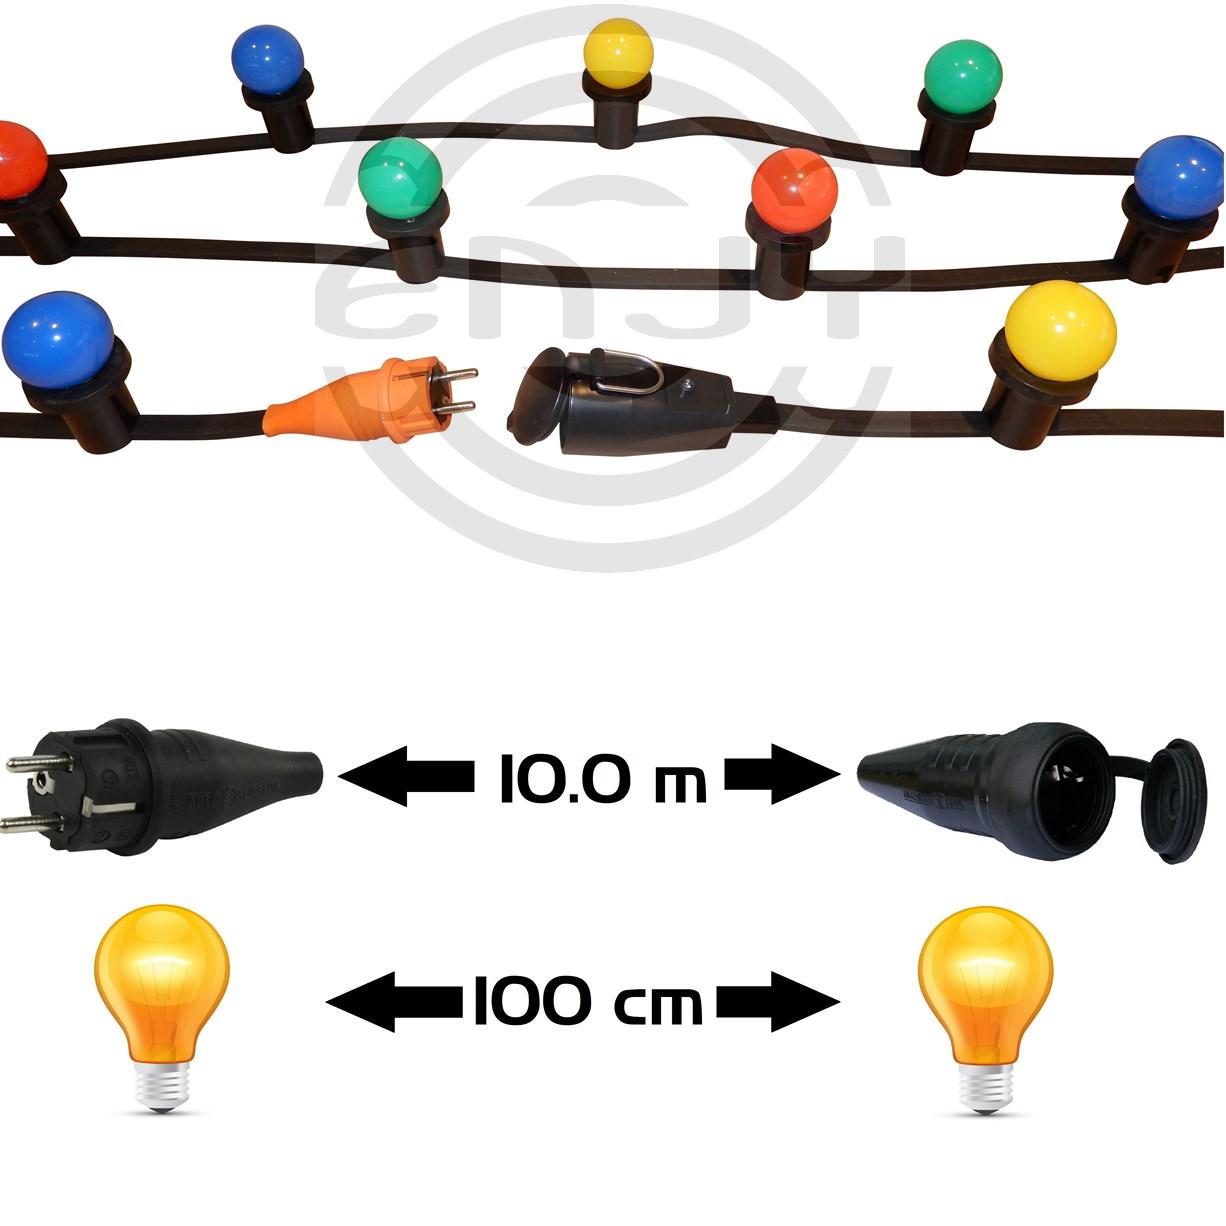 Prikkabel-50-meter-gekleurde-lampen